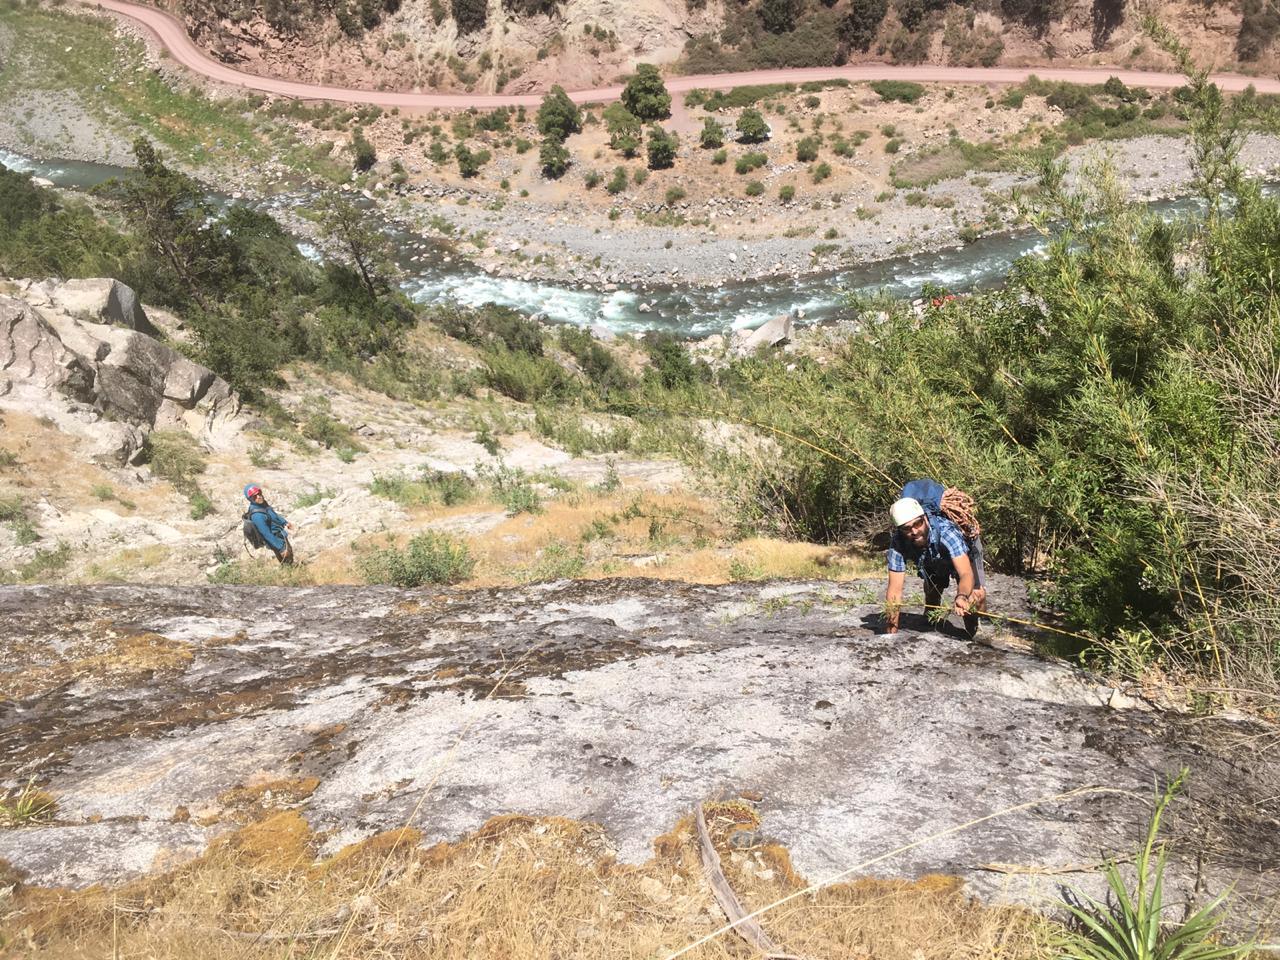 Escalada Dia entero / Climbing Full-day